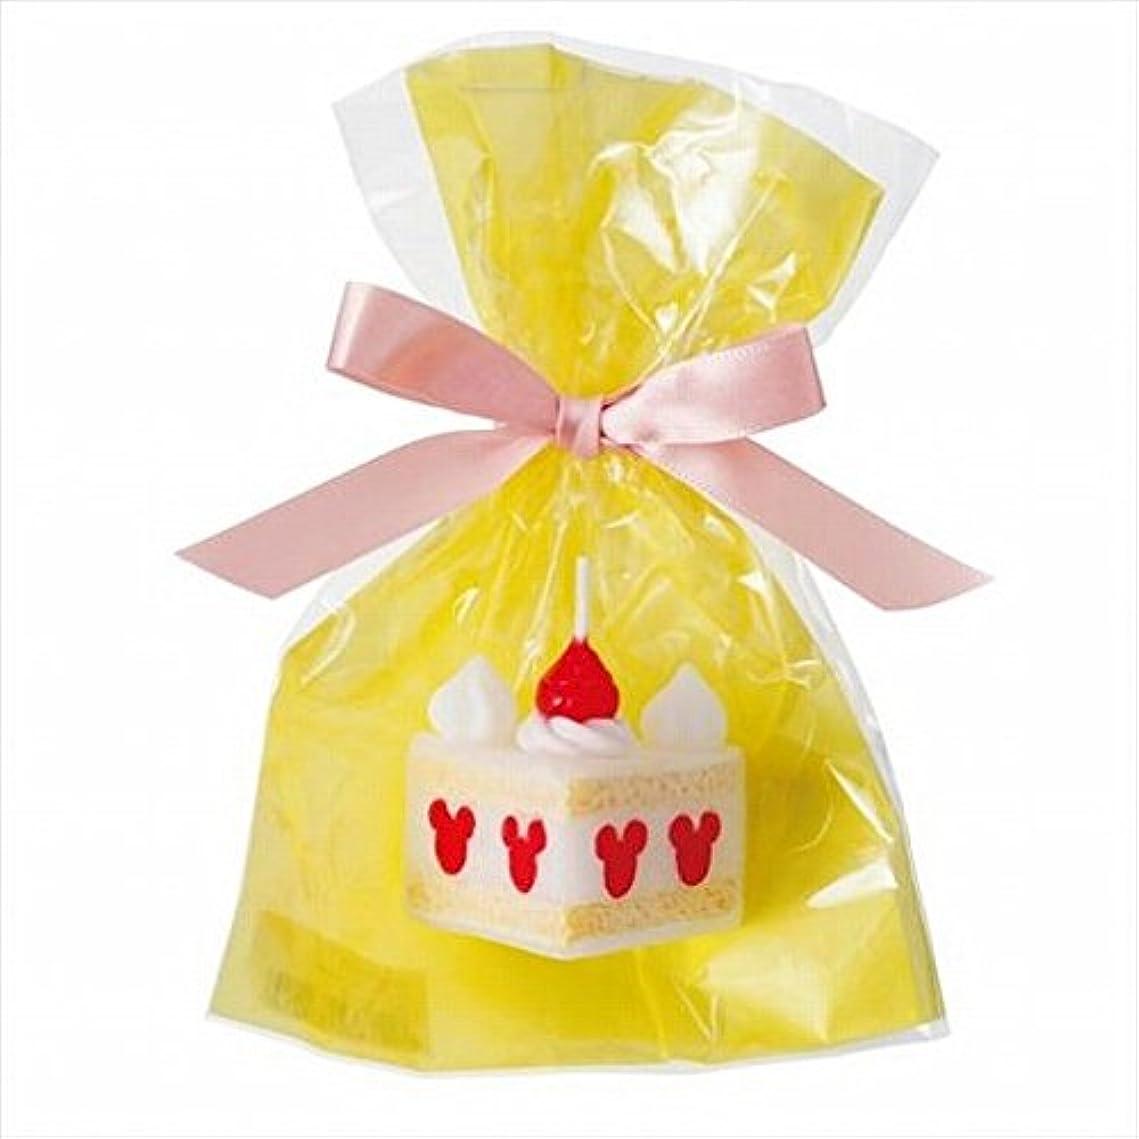 アサー保持ミシンsweets candle(スイーツキャンドル) ディズニースイーツキャンドル 「 ショートケーキ 」 キャンドル 43x32x40mm (A4350010)